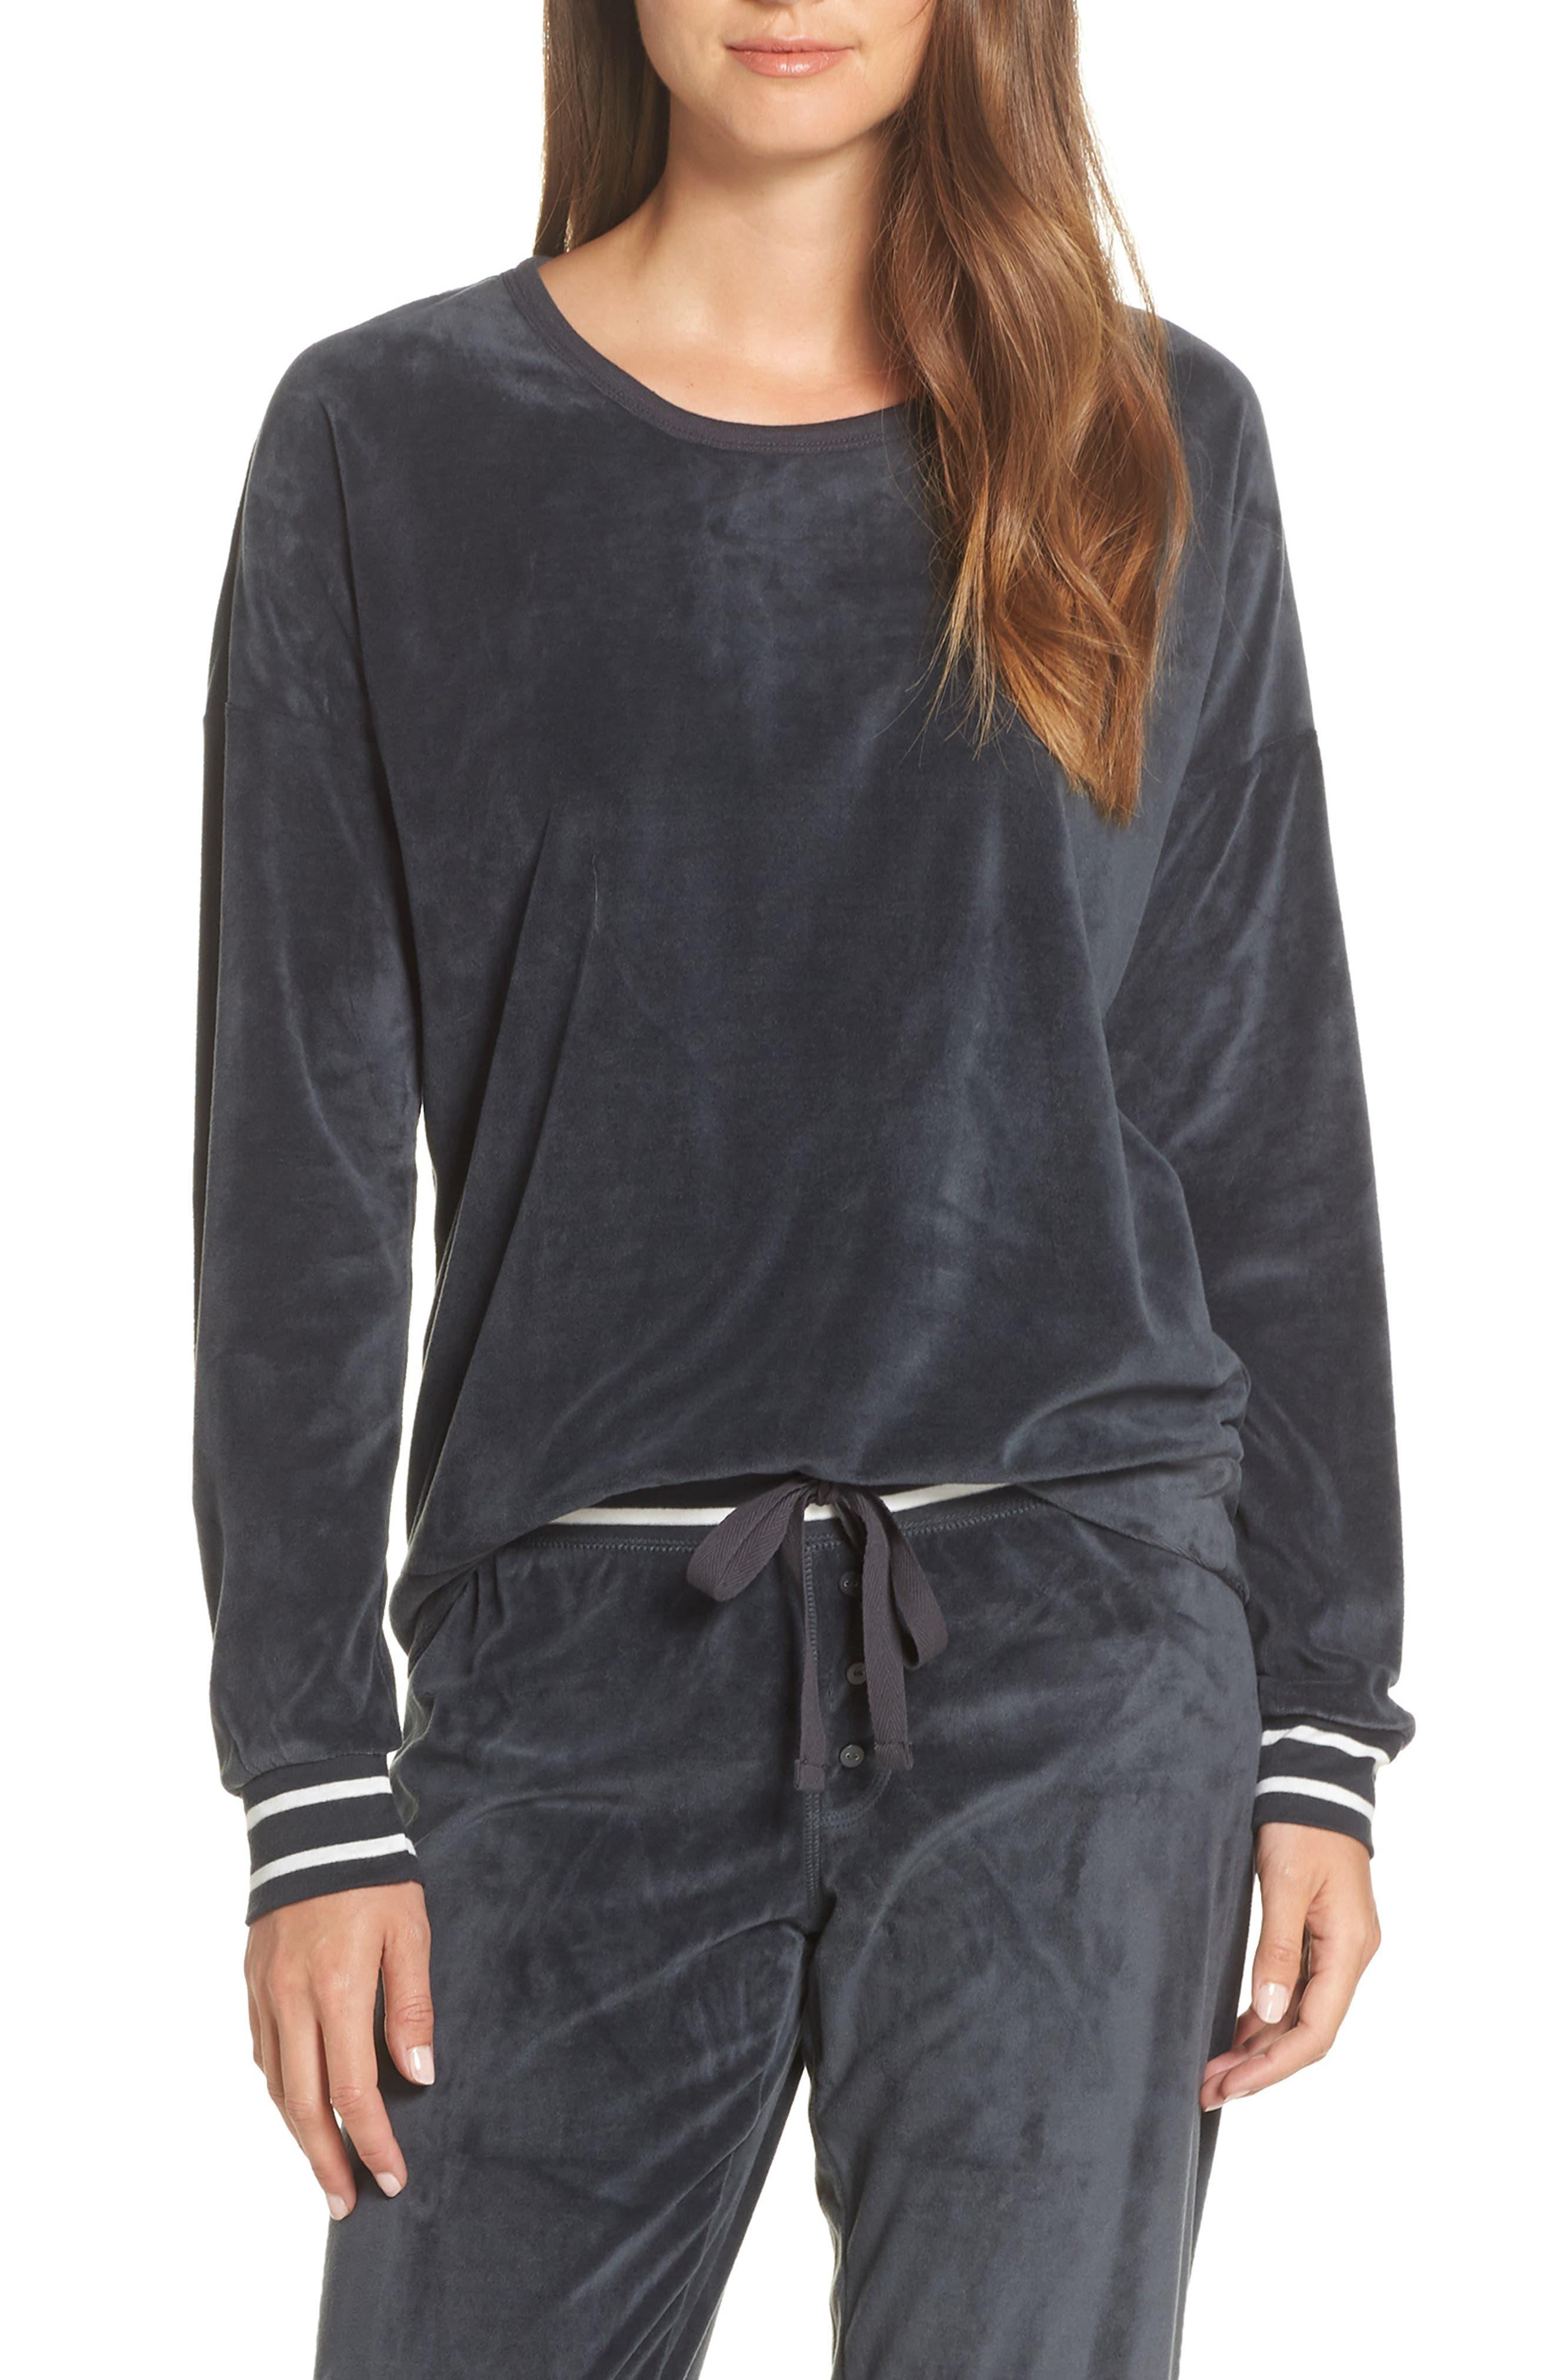 PJ SALVAGE Velour Pajama Top in Smoke